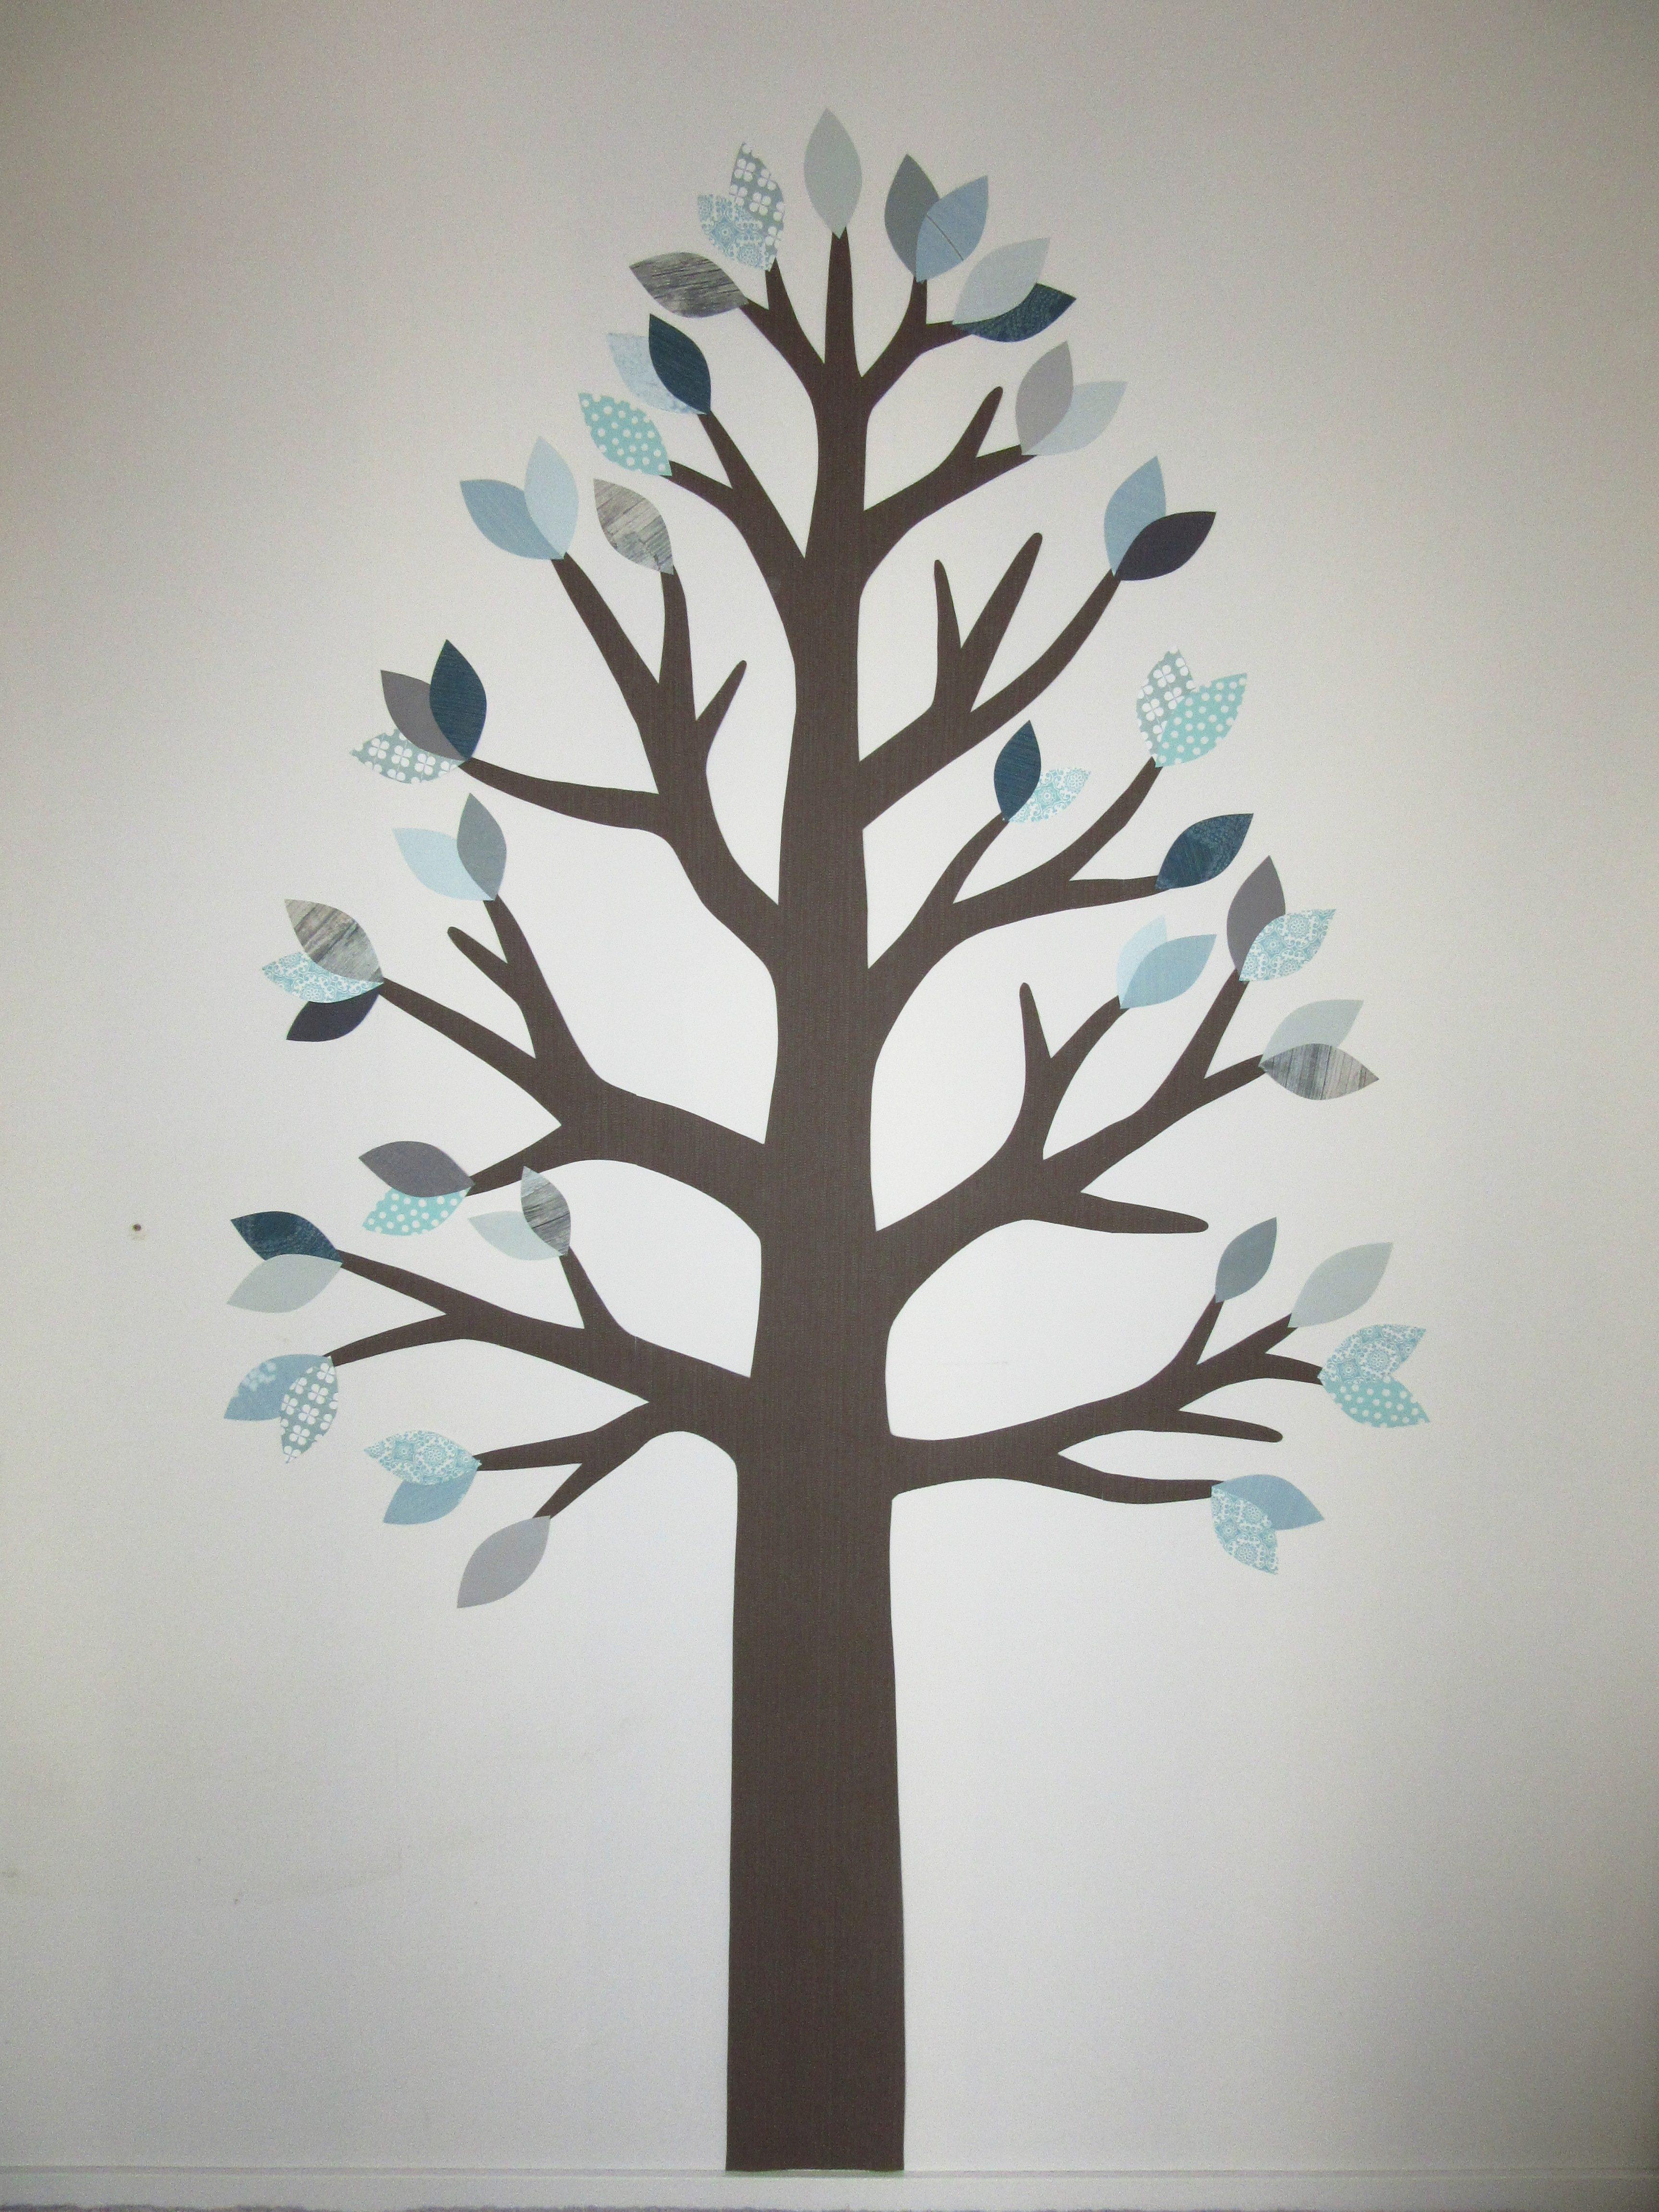 muurdecoratie behangboom babykamer behang mintgroen bos